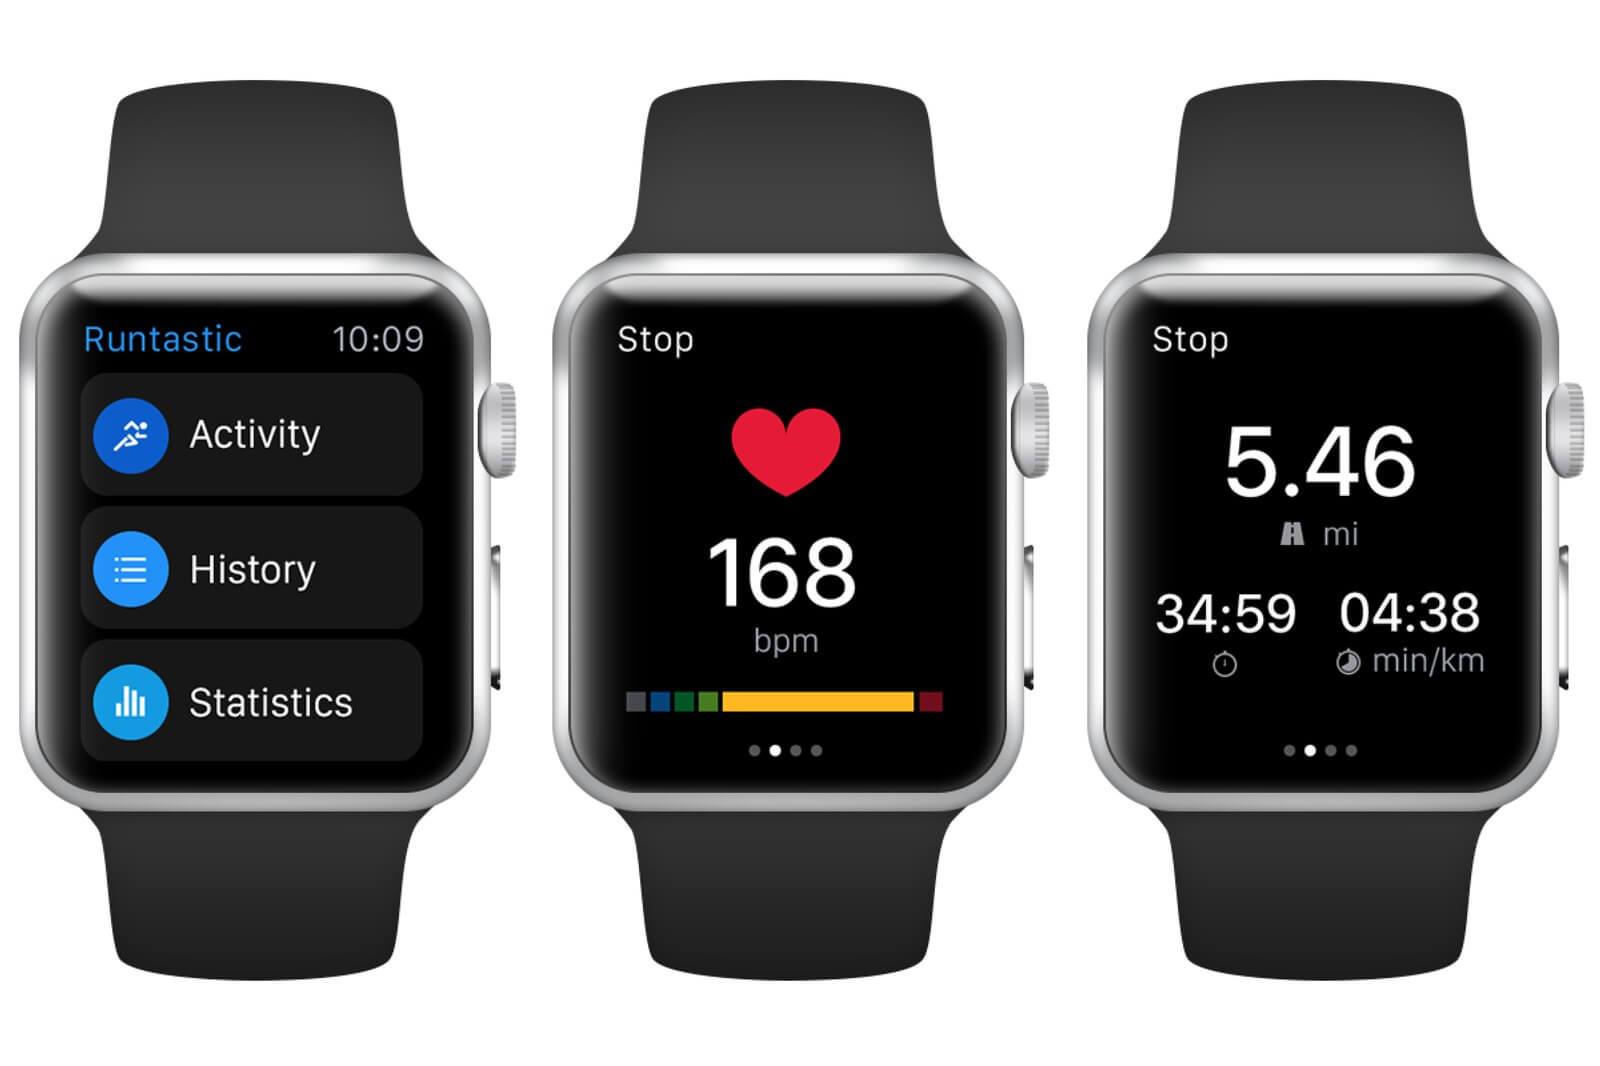 Runtastic Running App for Apple Watch